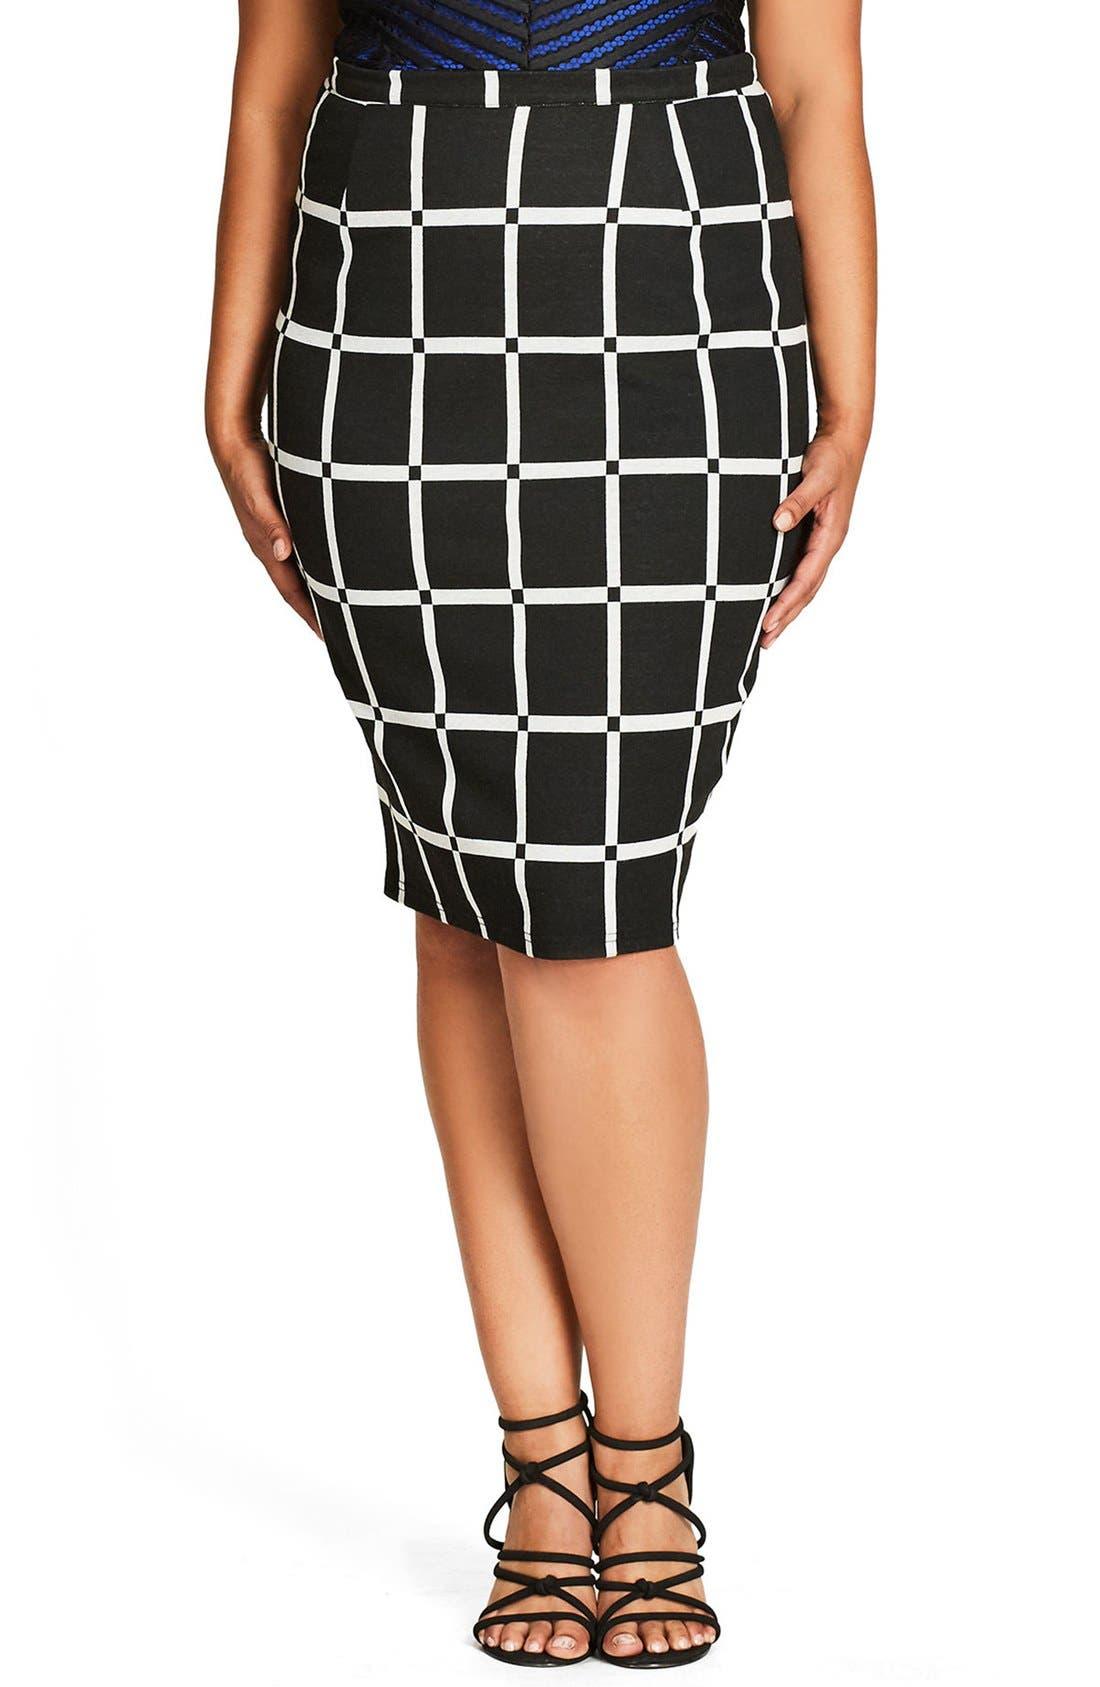 City Chic Vintage Chic Pencil Skirt (Plus Size)